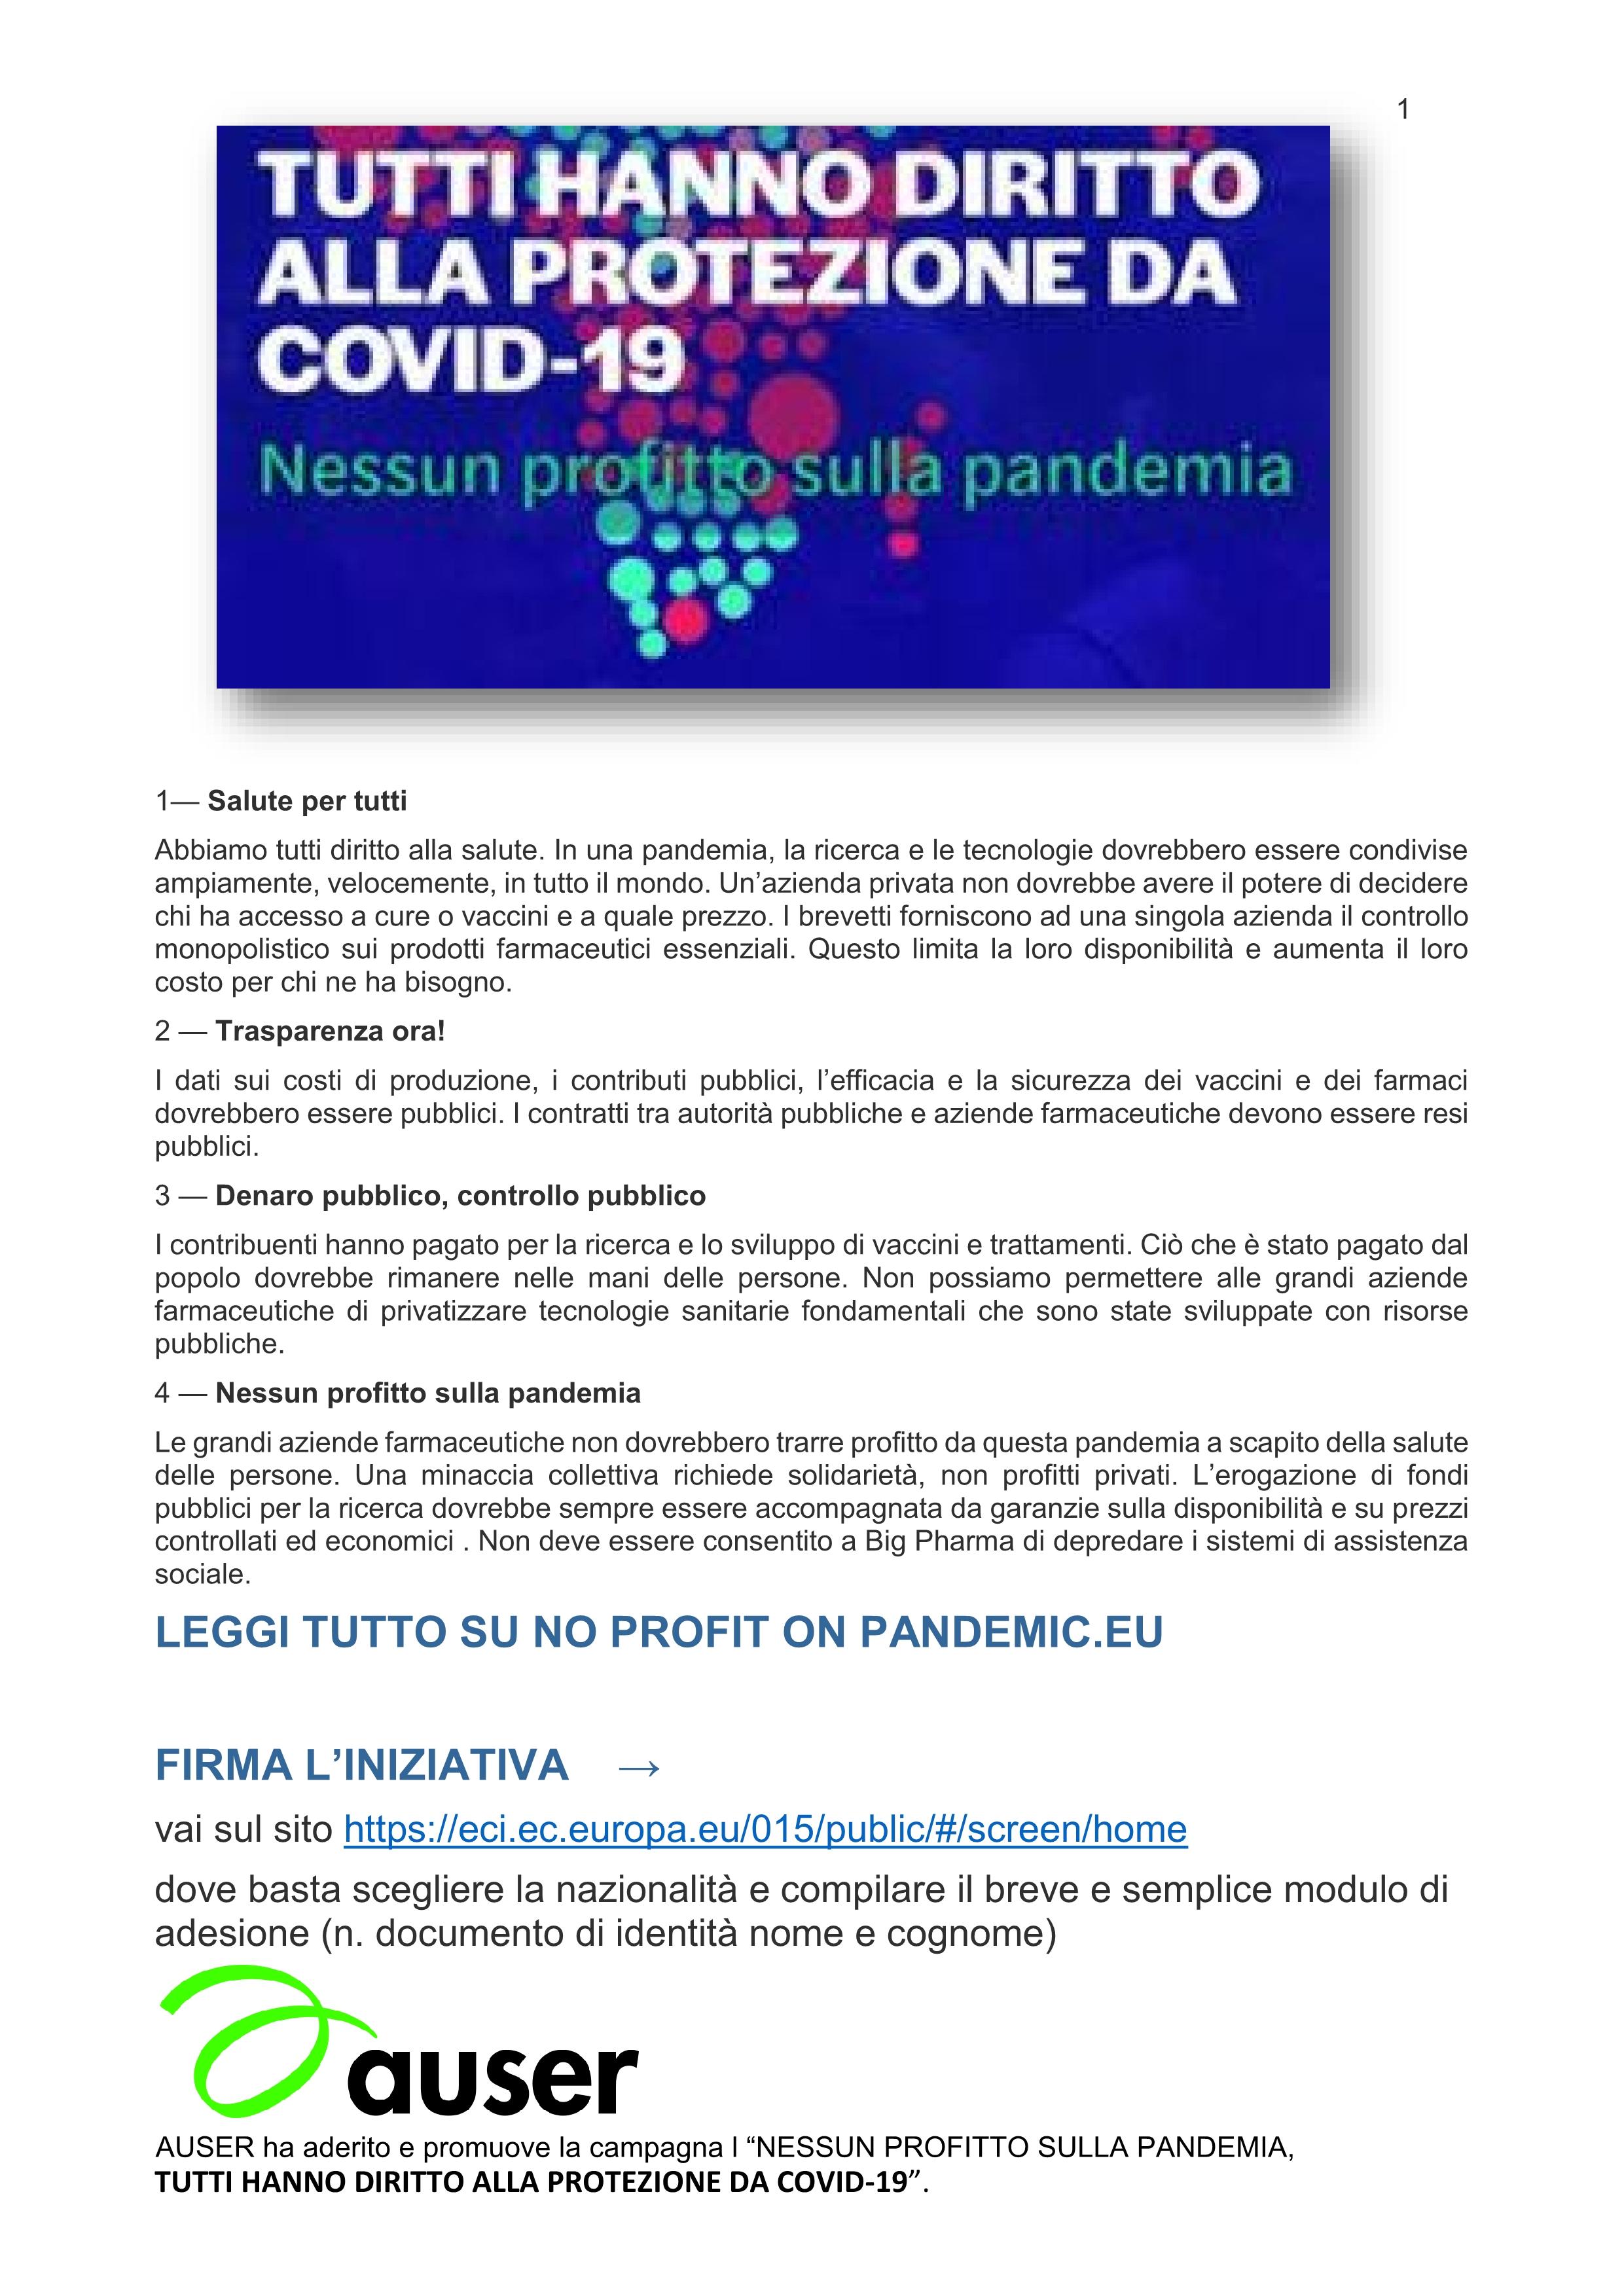 edited_vaccino-nessun-profitto-pandemia1